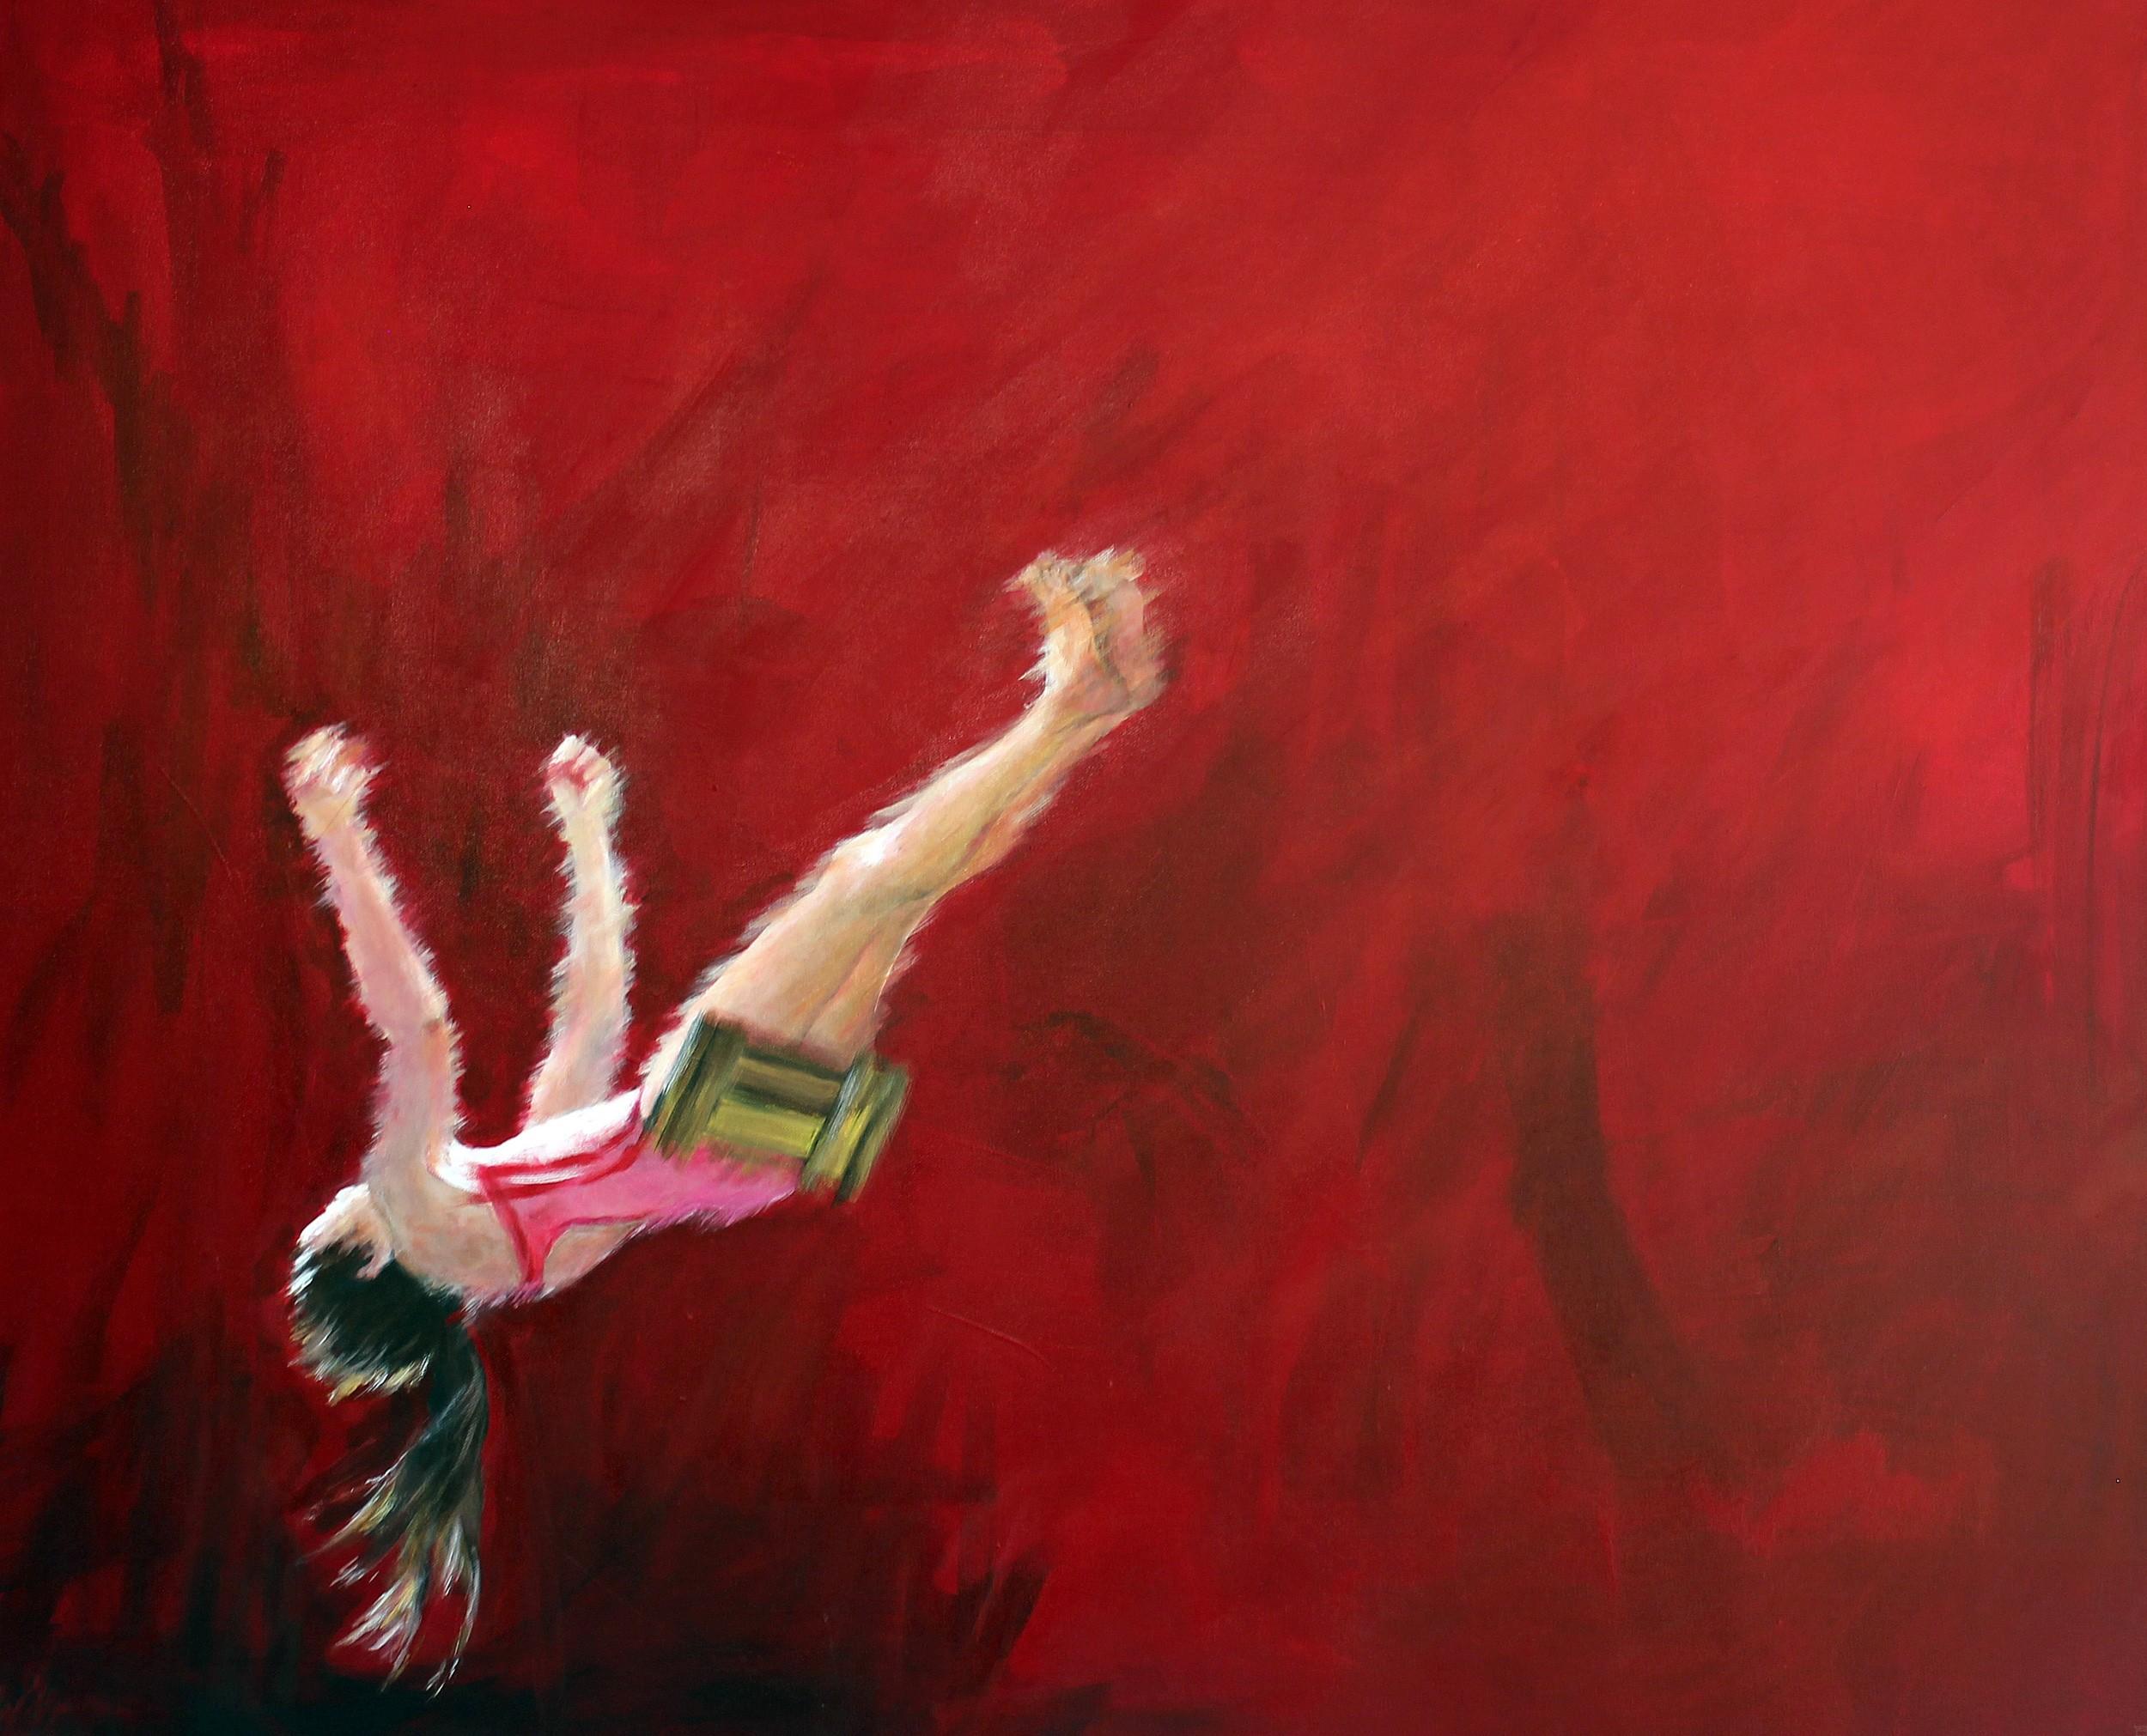 Schaukeln | Malerei von Künstlerin Simone Westphal, Acryl auf Leinwand